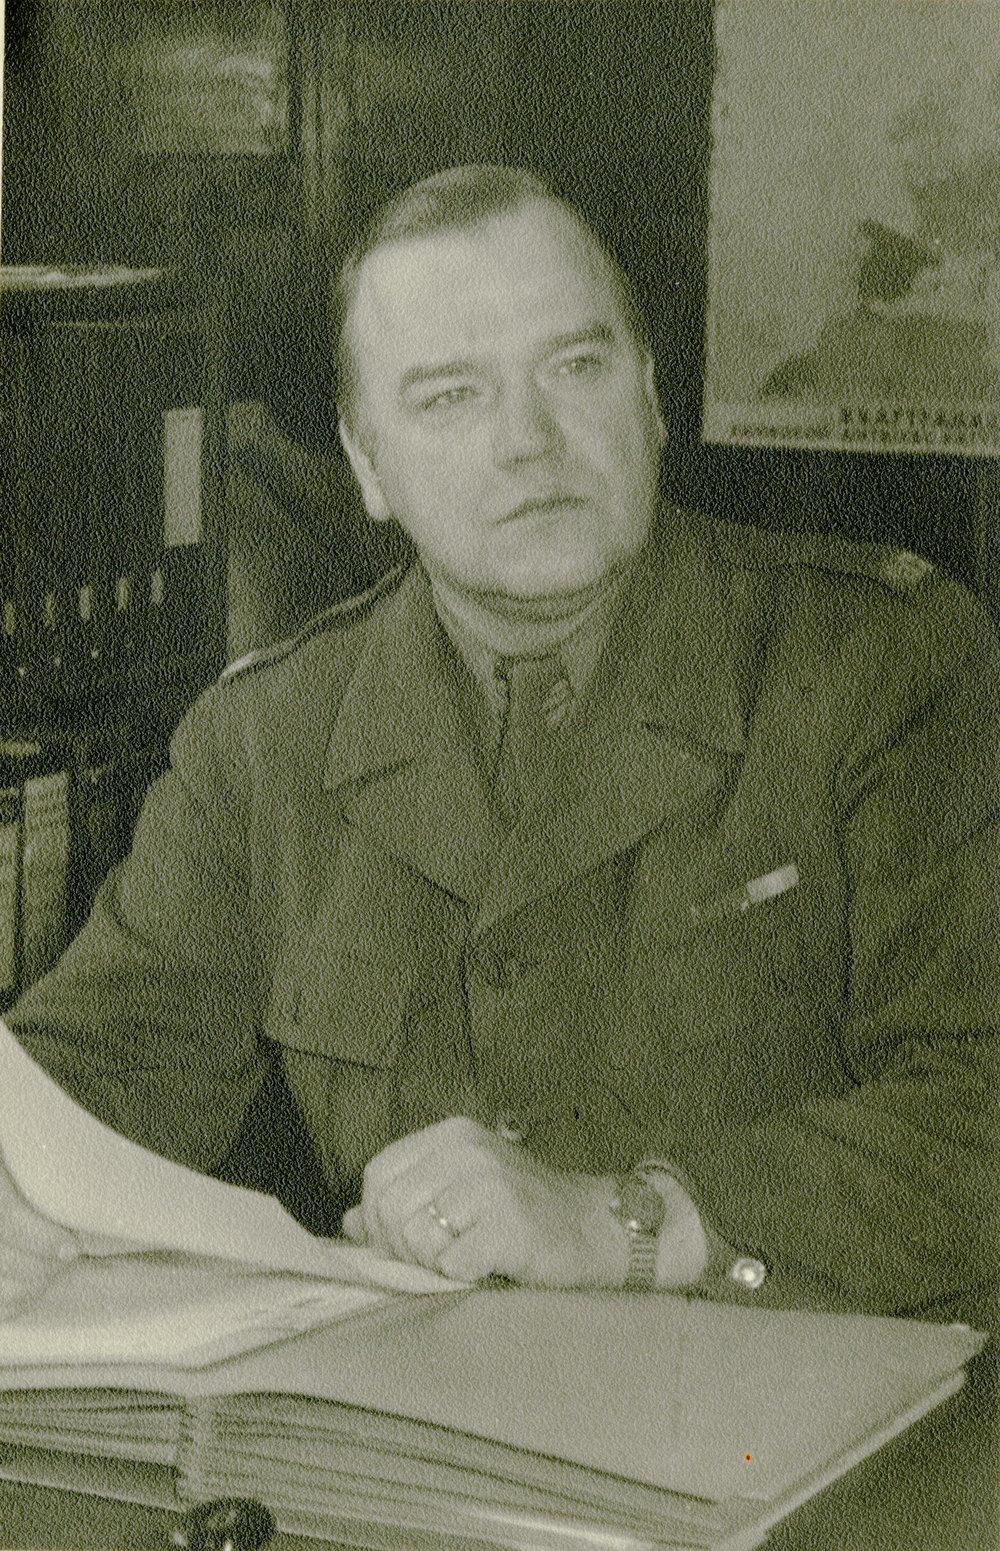 Gösta Lundin på kontoret i Lübeck, december 1946. Ur Gösta Lundins arkiv